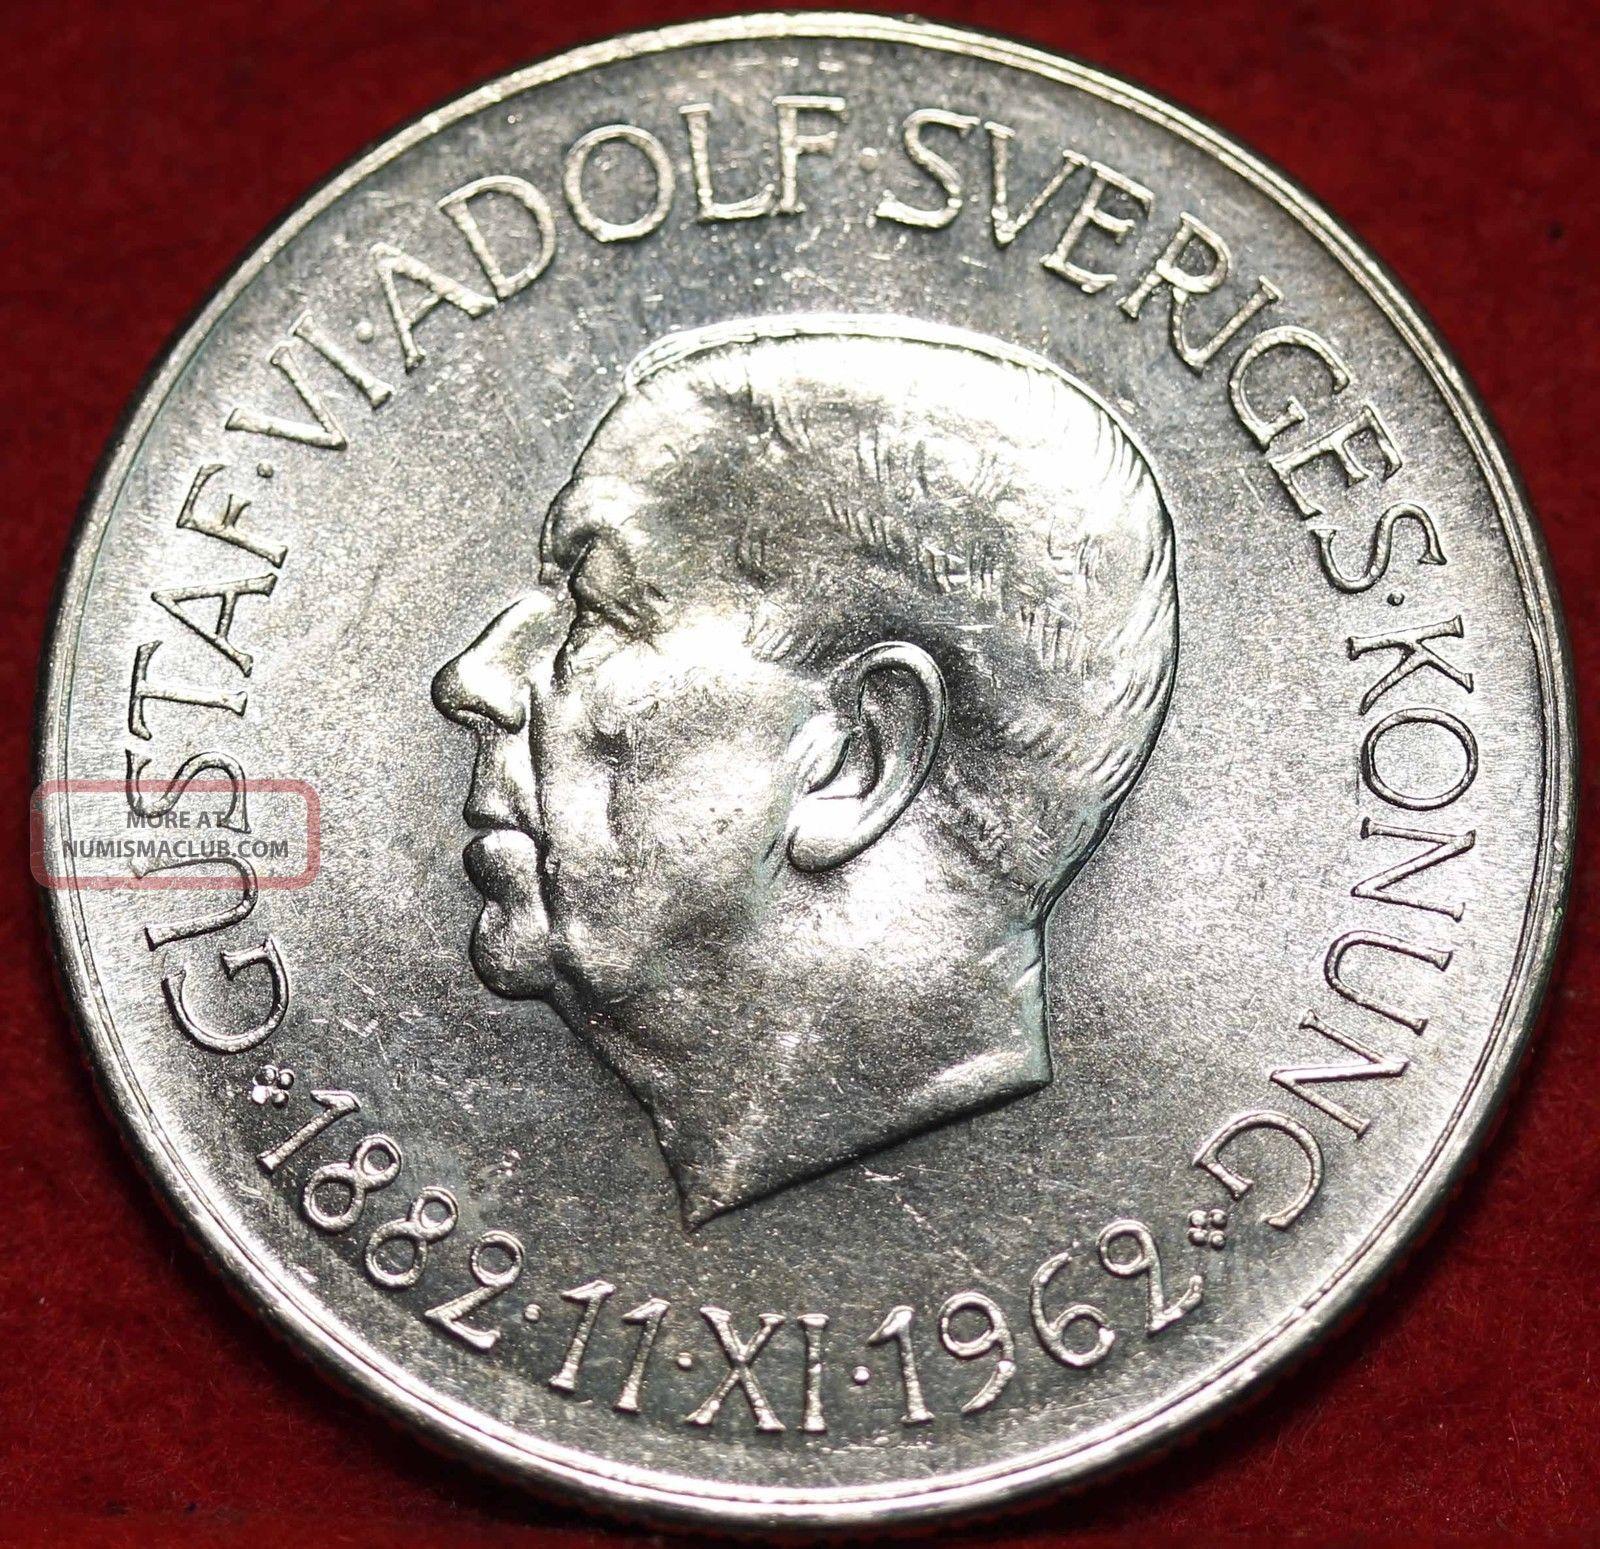 sweden coins images